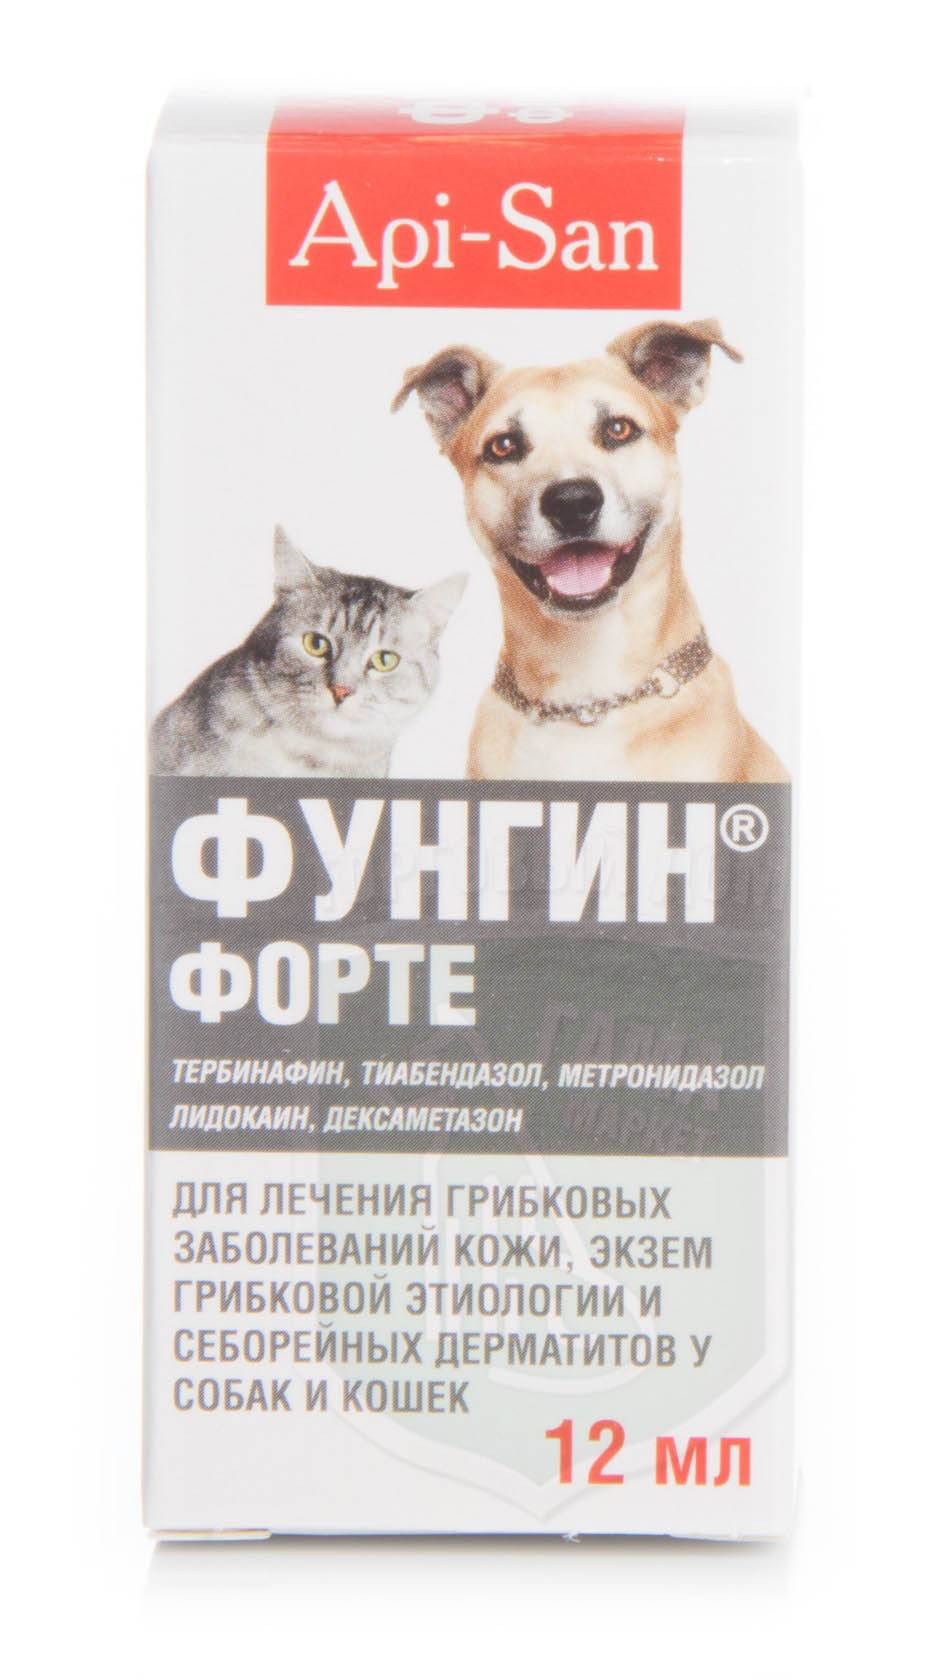 Фунгин форте – препарат для кошек: инструкция и показания к применению, отзывы, цена